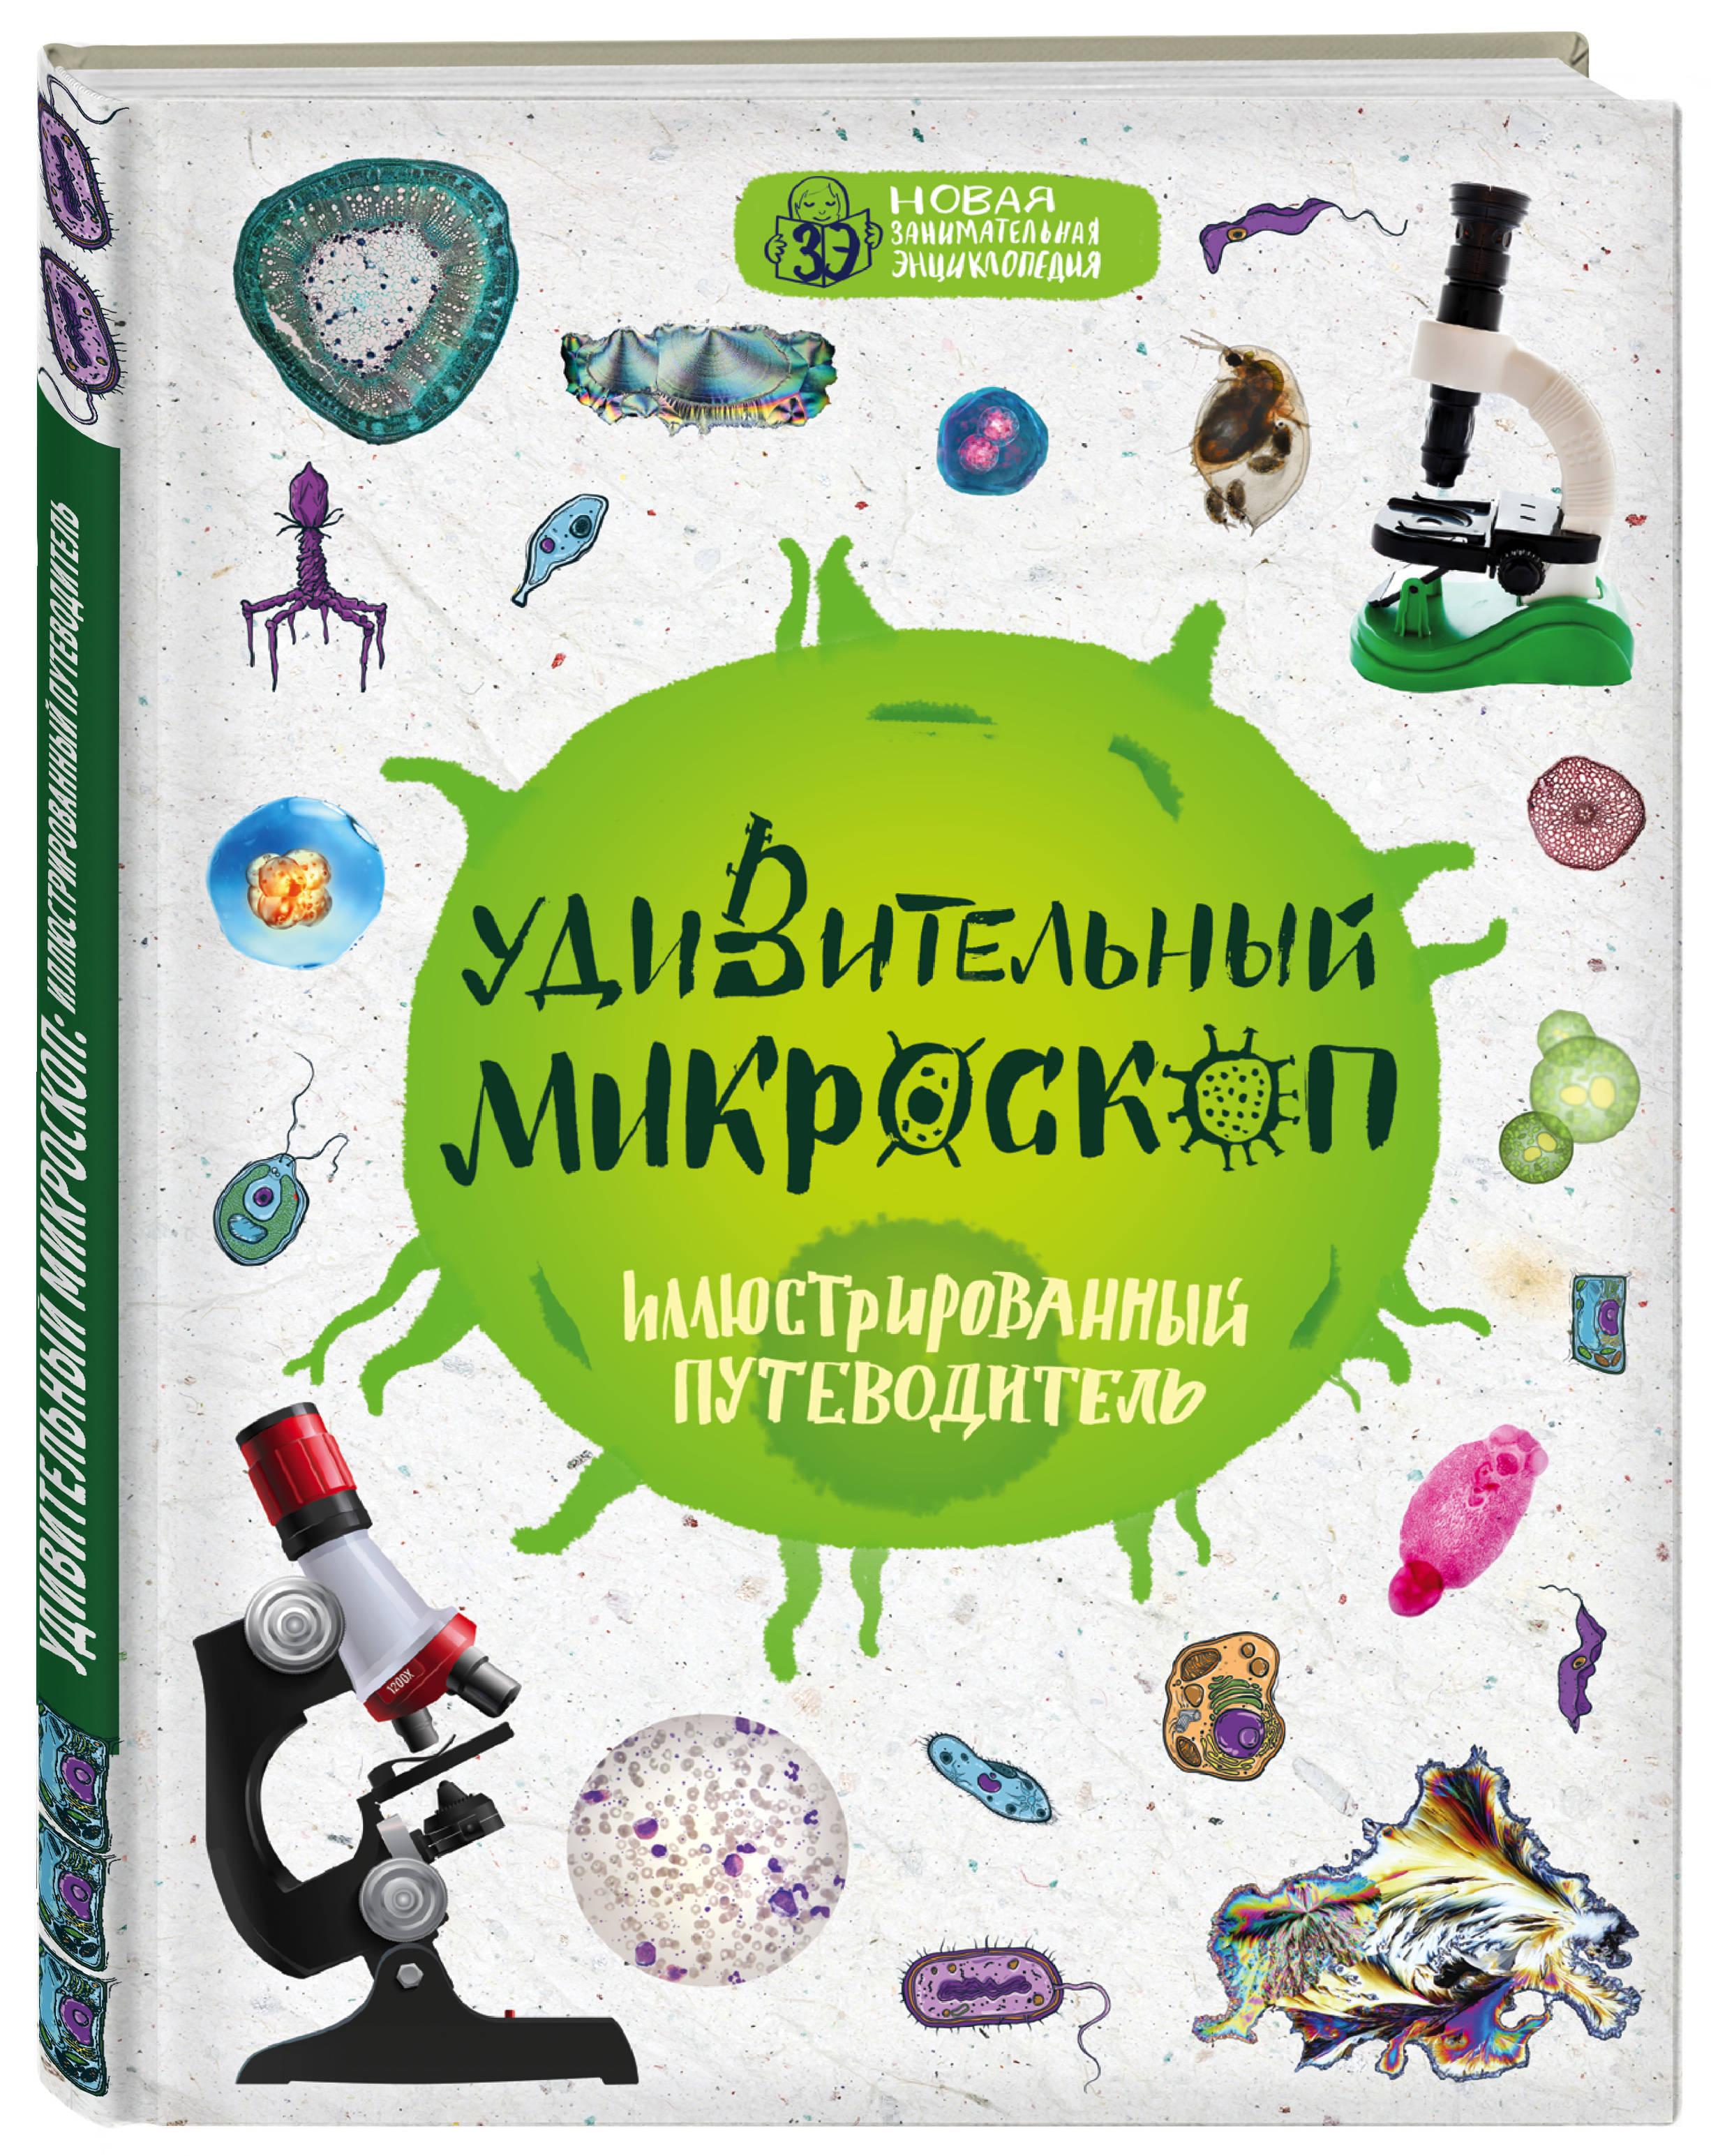 Удивительный микроскоп: иллюстрированный путеводитель ( Мазур О.Ч.  )